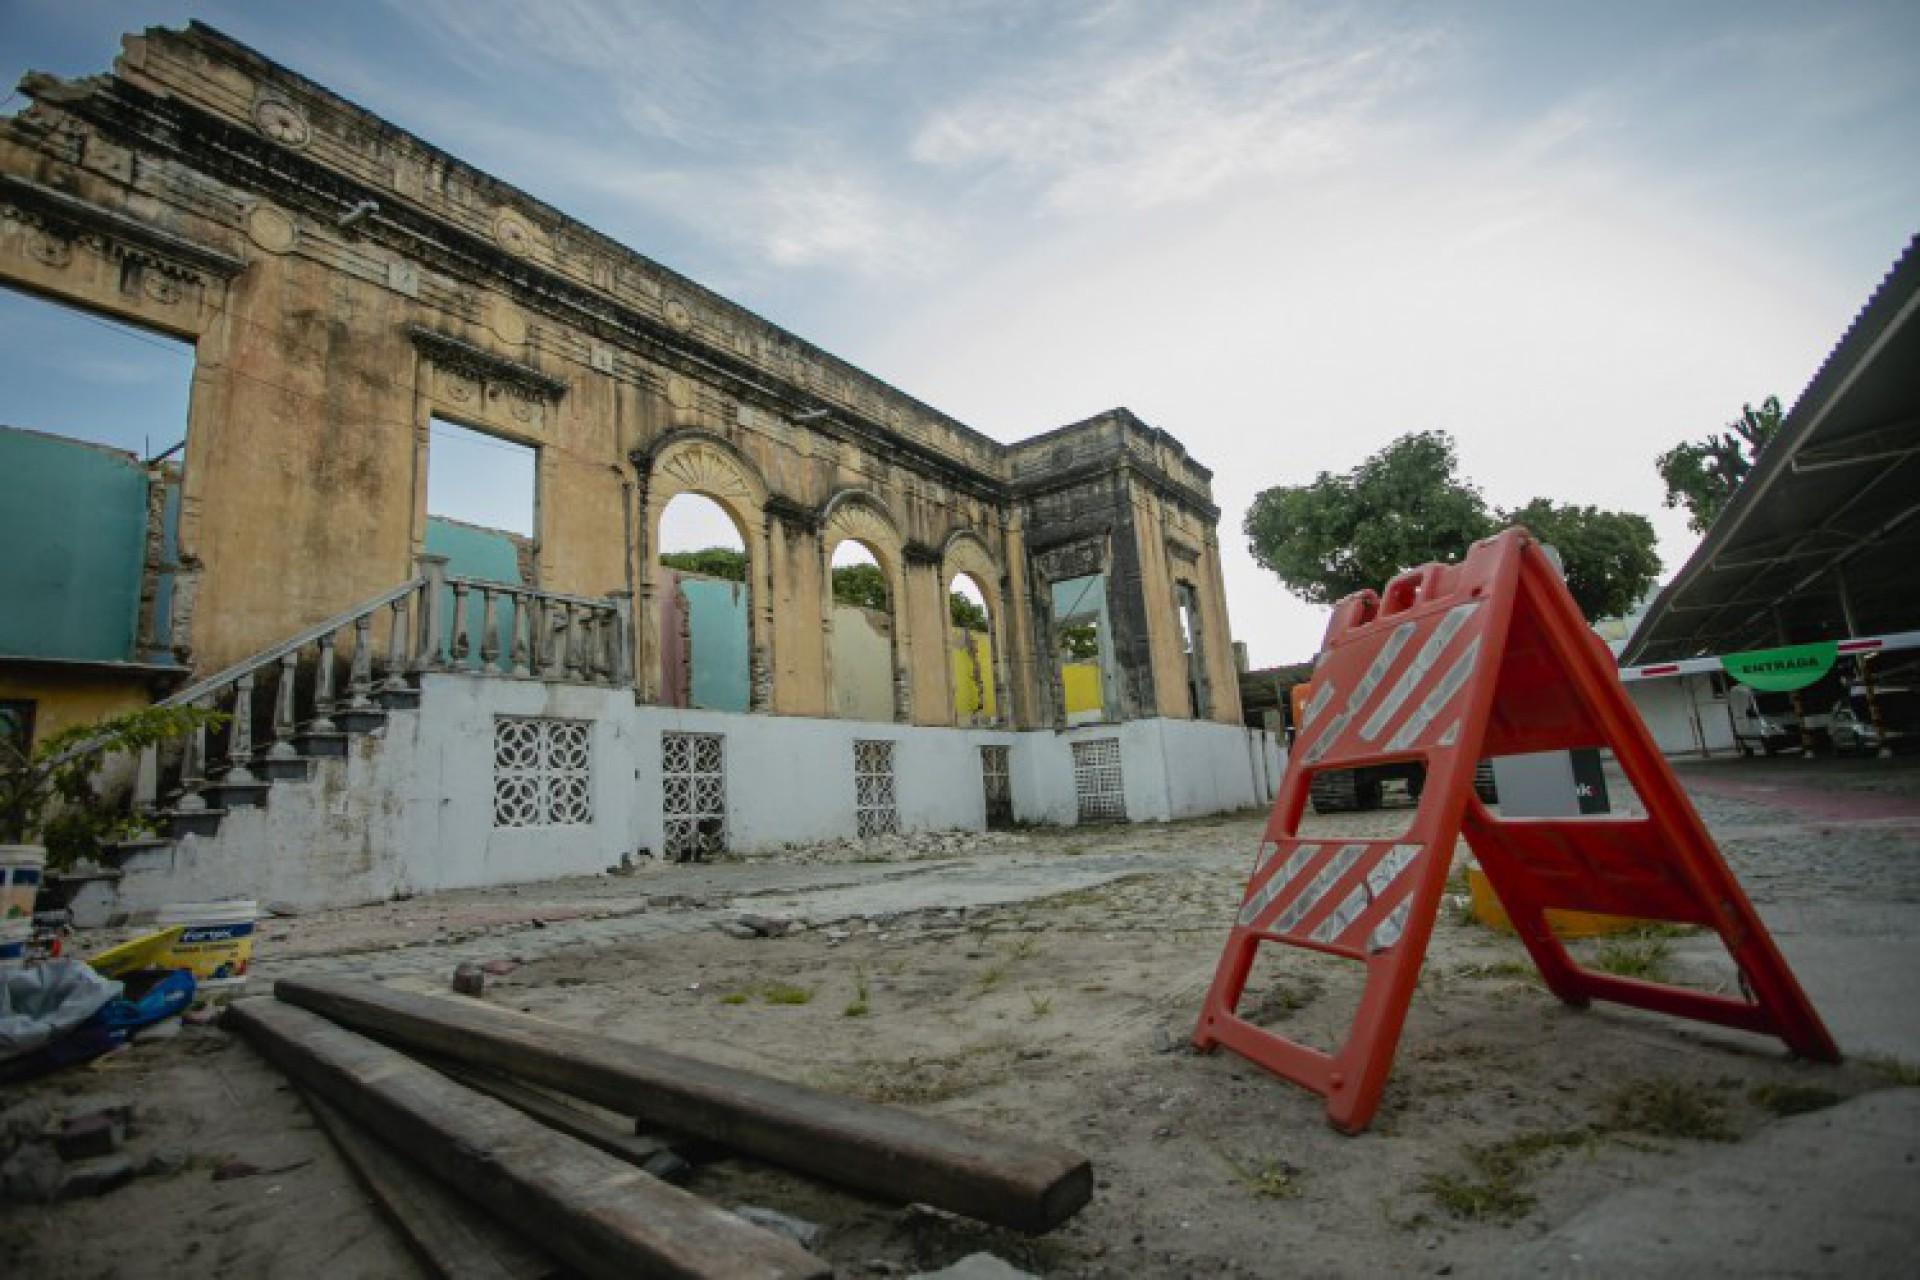 (Foto: Aurelio Alves)Foto tirada no sábado, 17 de julho, quando o Casarão dos Gondim estava sendo demolido, mesmo em processo de tombamento